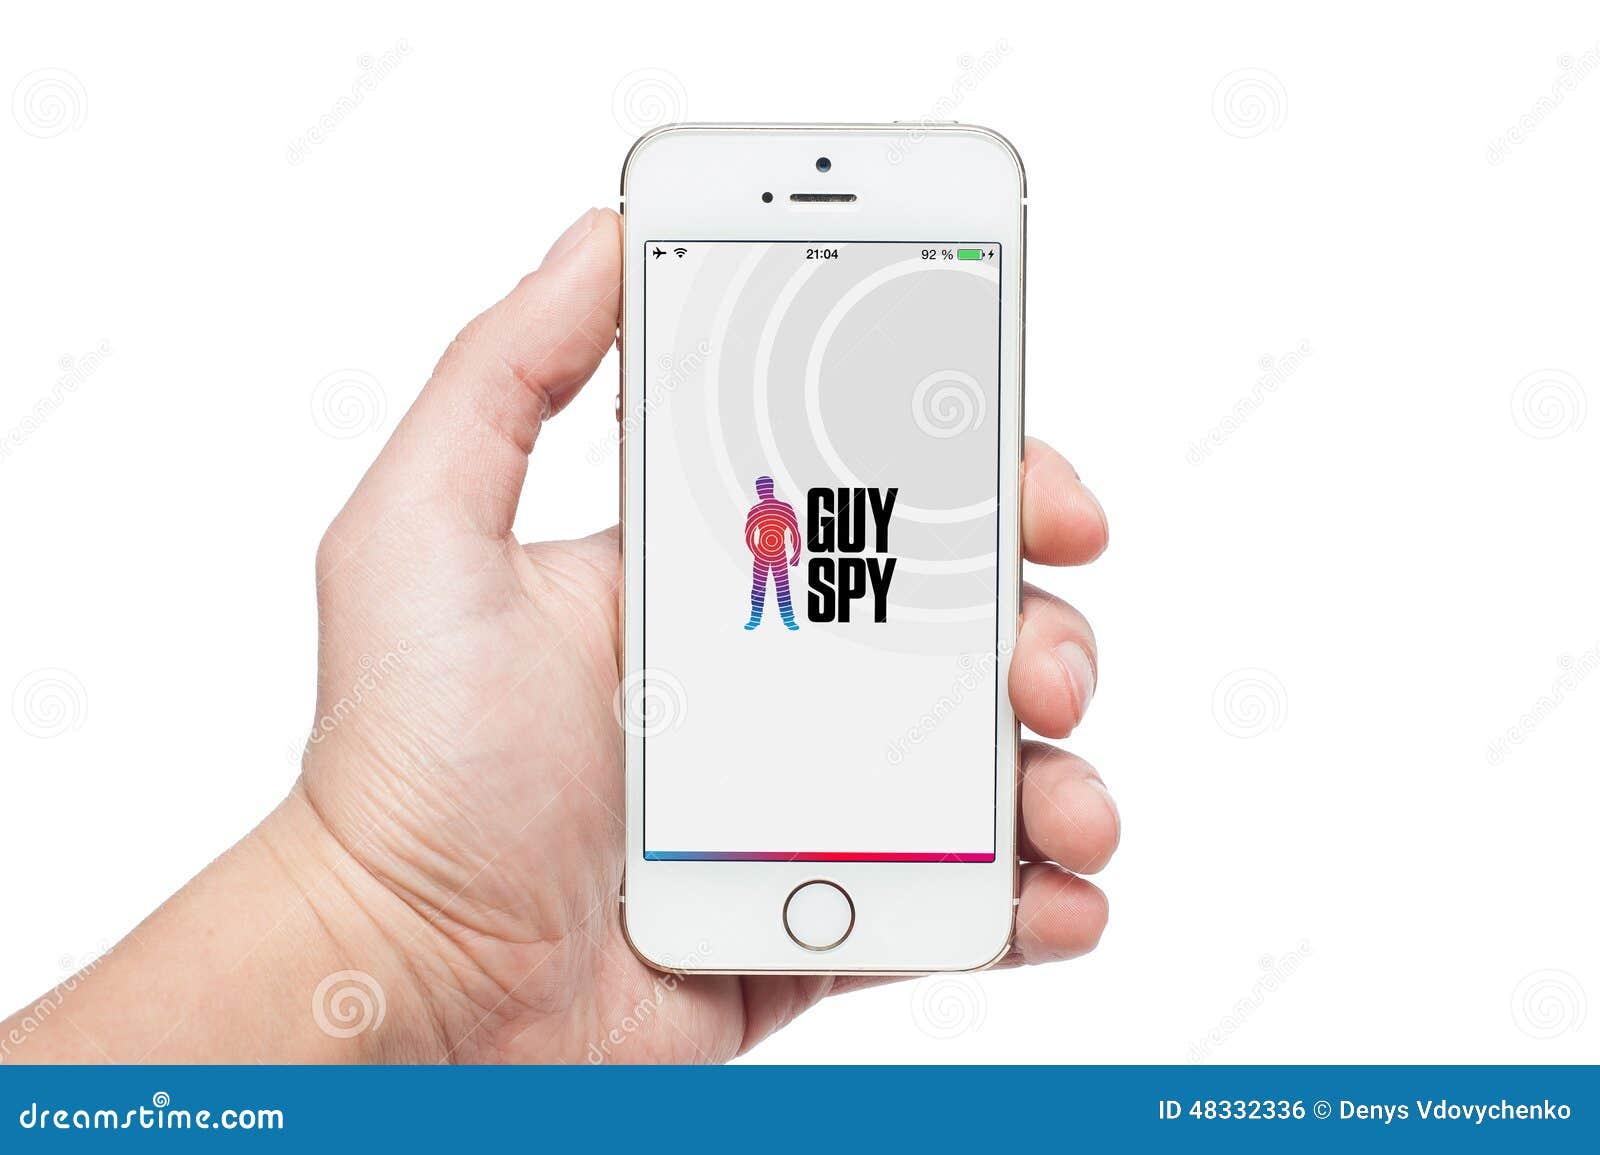 guy spy iphone app